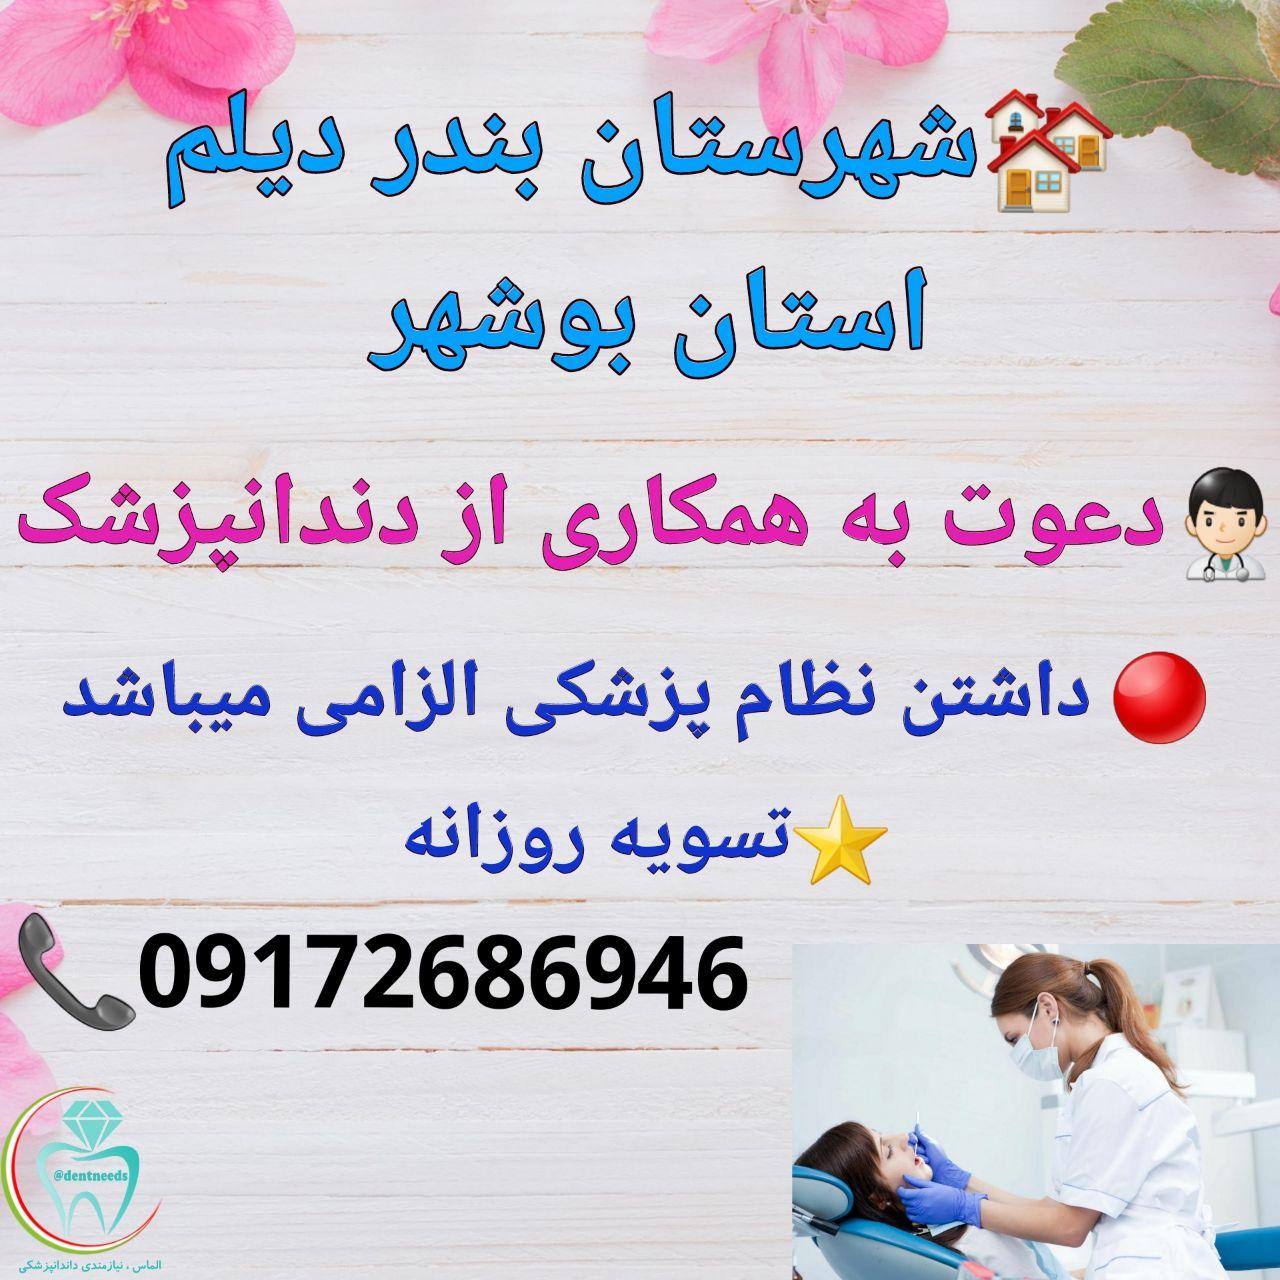 شهرستان بندر دیلم: استان بوشهر، دعوت به همکاری از دندانپزشک